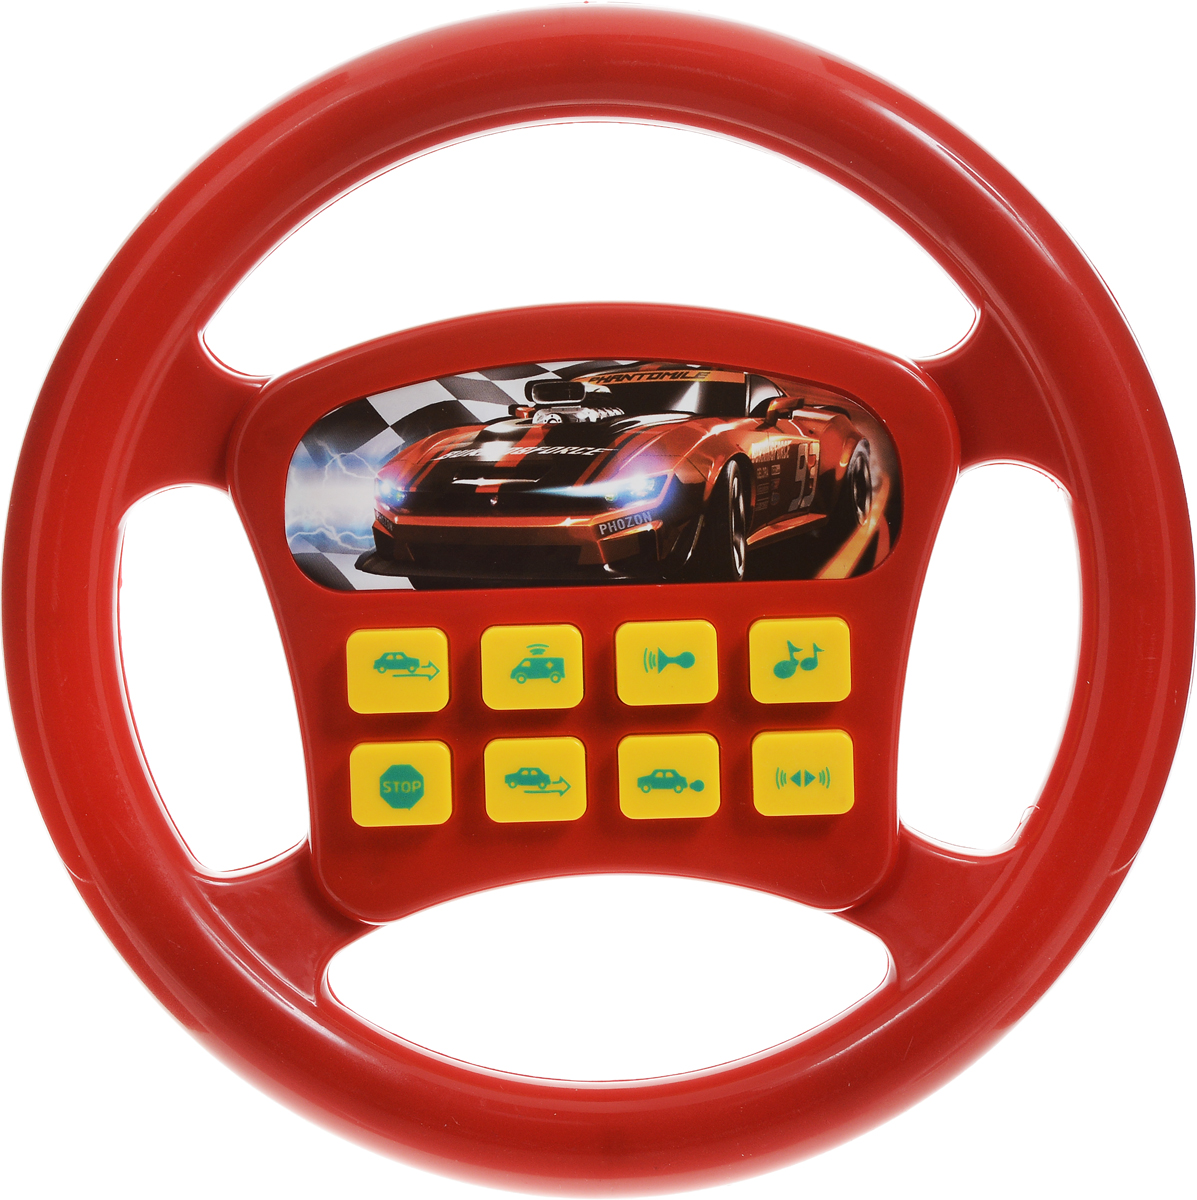 Играем вместе Игрушечный руль Машина цвет красный музыкальный руль купить